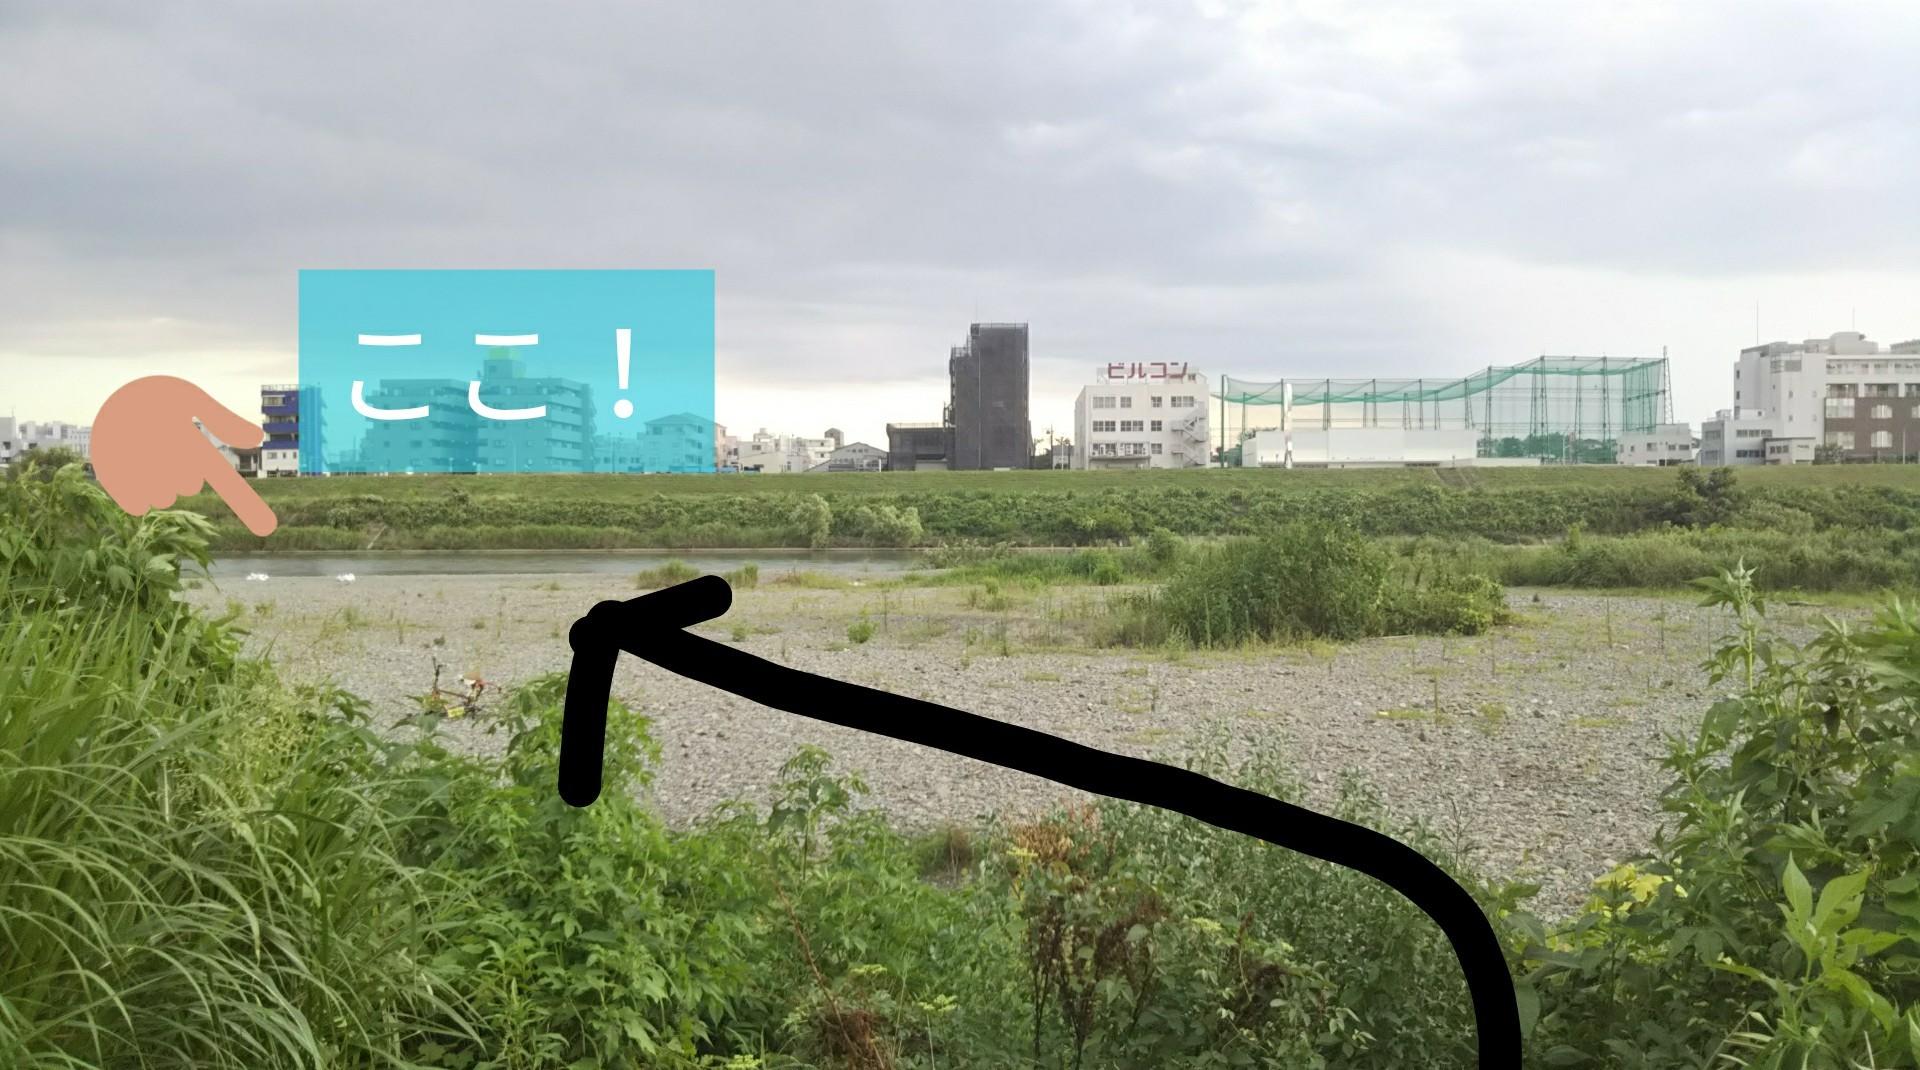 【川あそび】開催場所までの道のり(2020)_c0120851_14073624.jpg